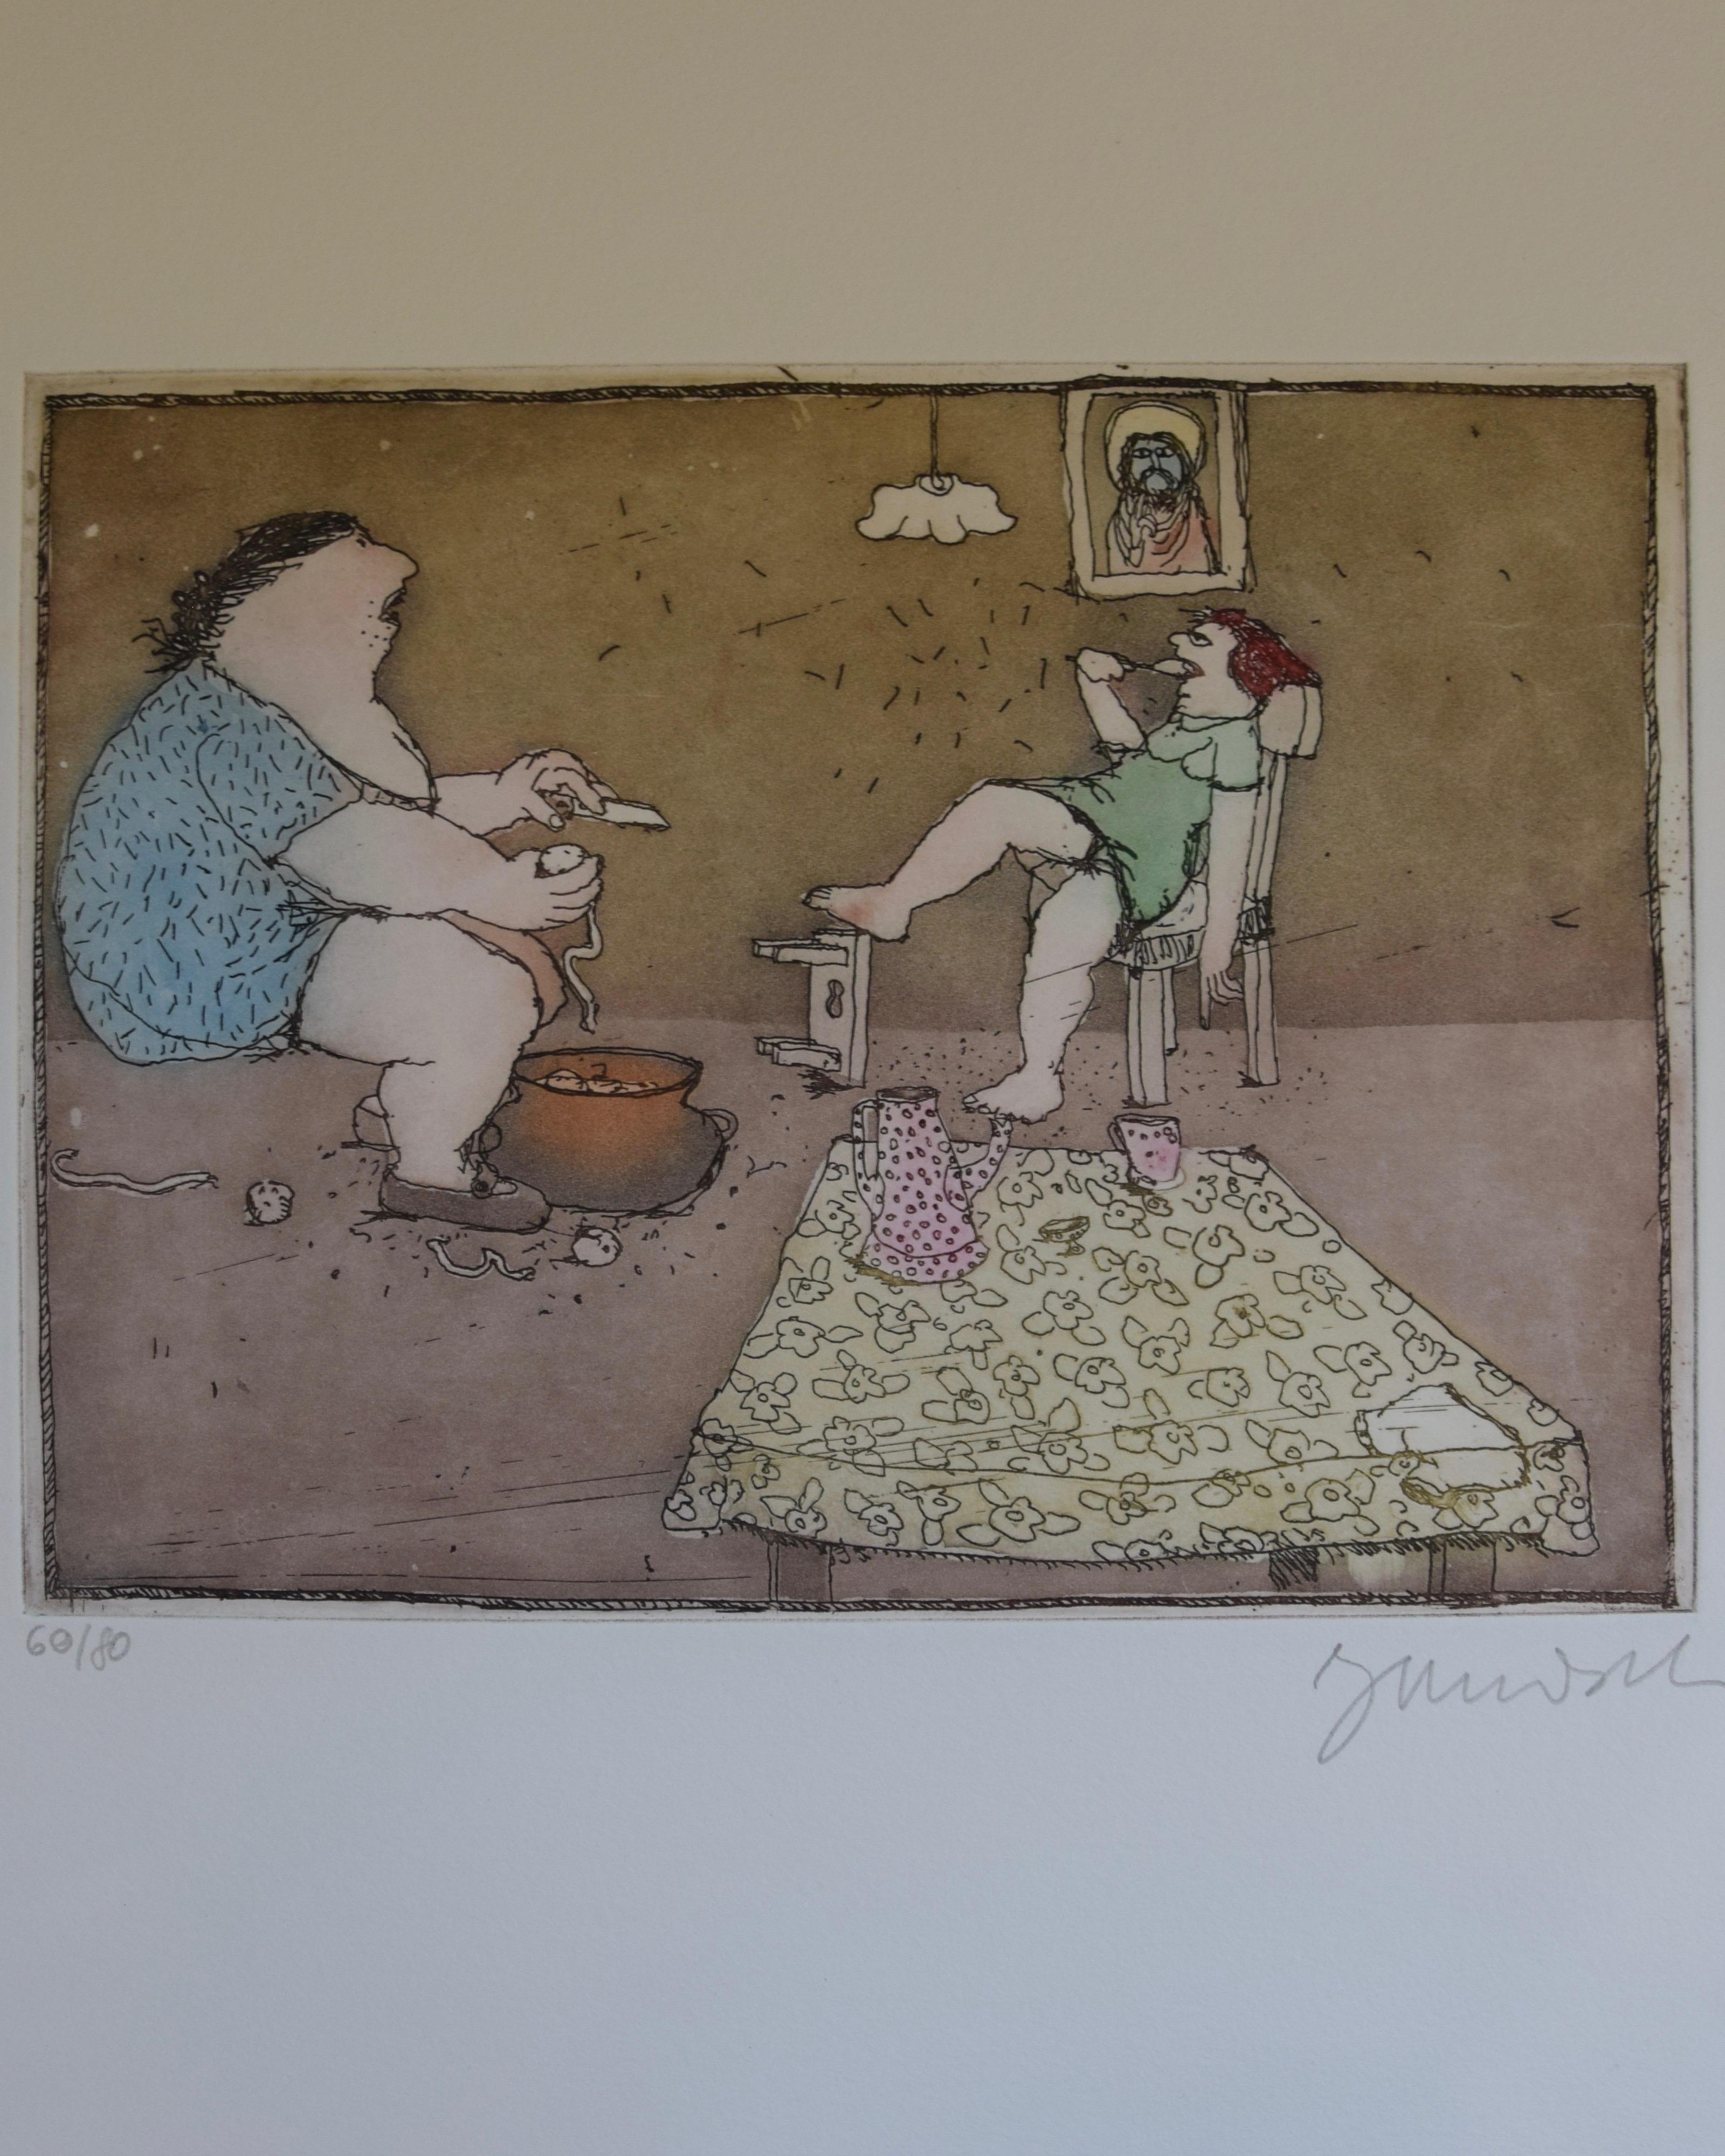 """Dies ist das fünfte Motiv aus dem Mappenwerk """"Cholonek oder der liebe Gott aus Lehm"""" von Janosch."""